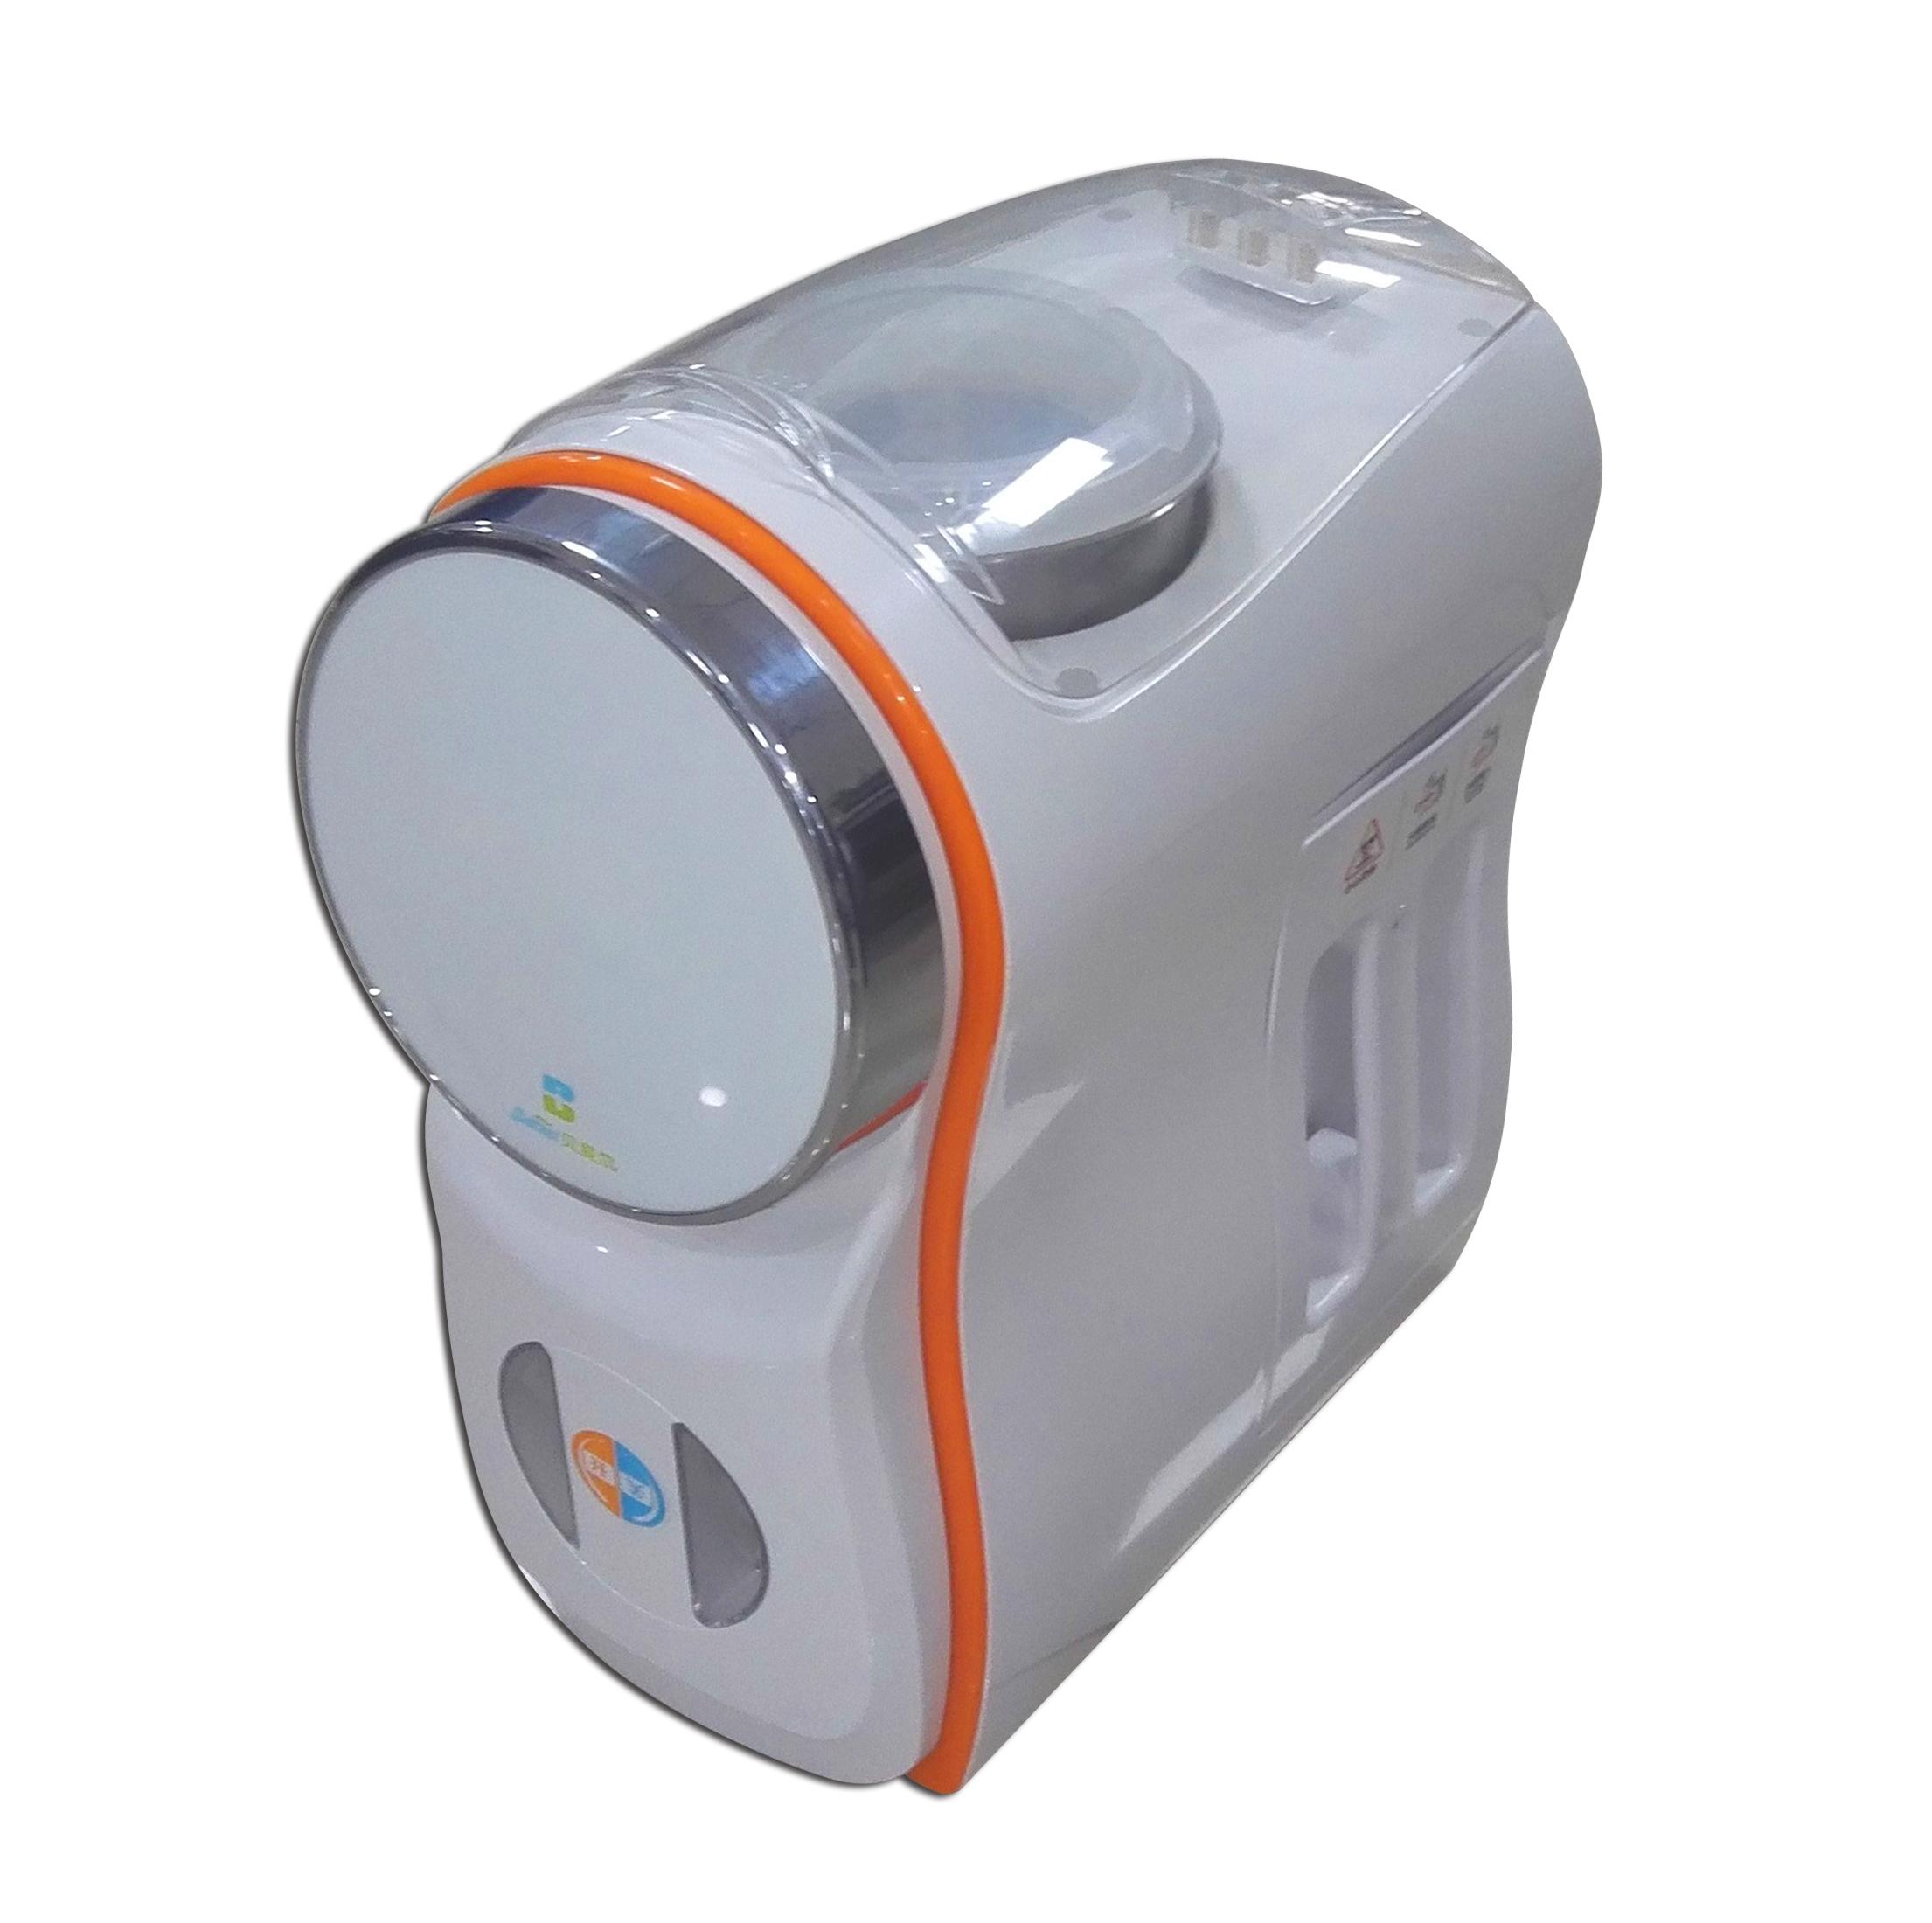 云智能冲奶机设计